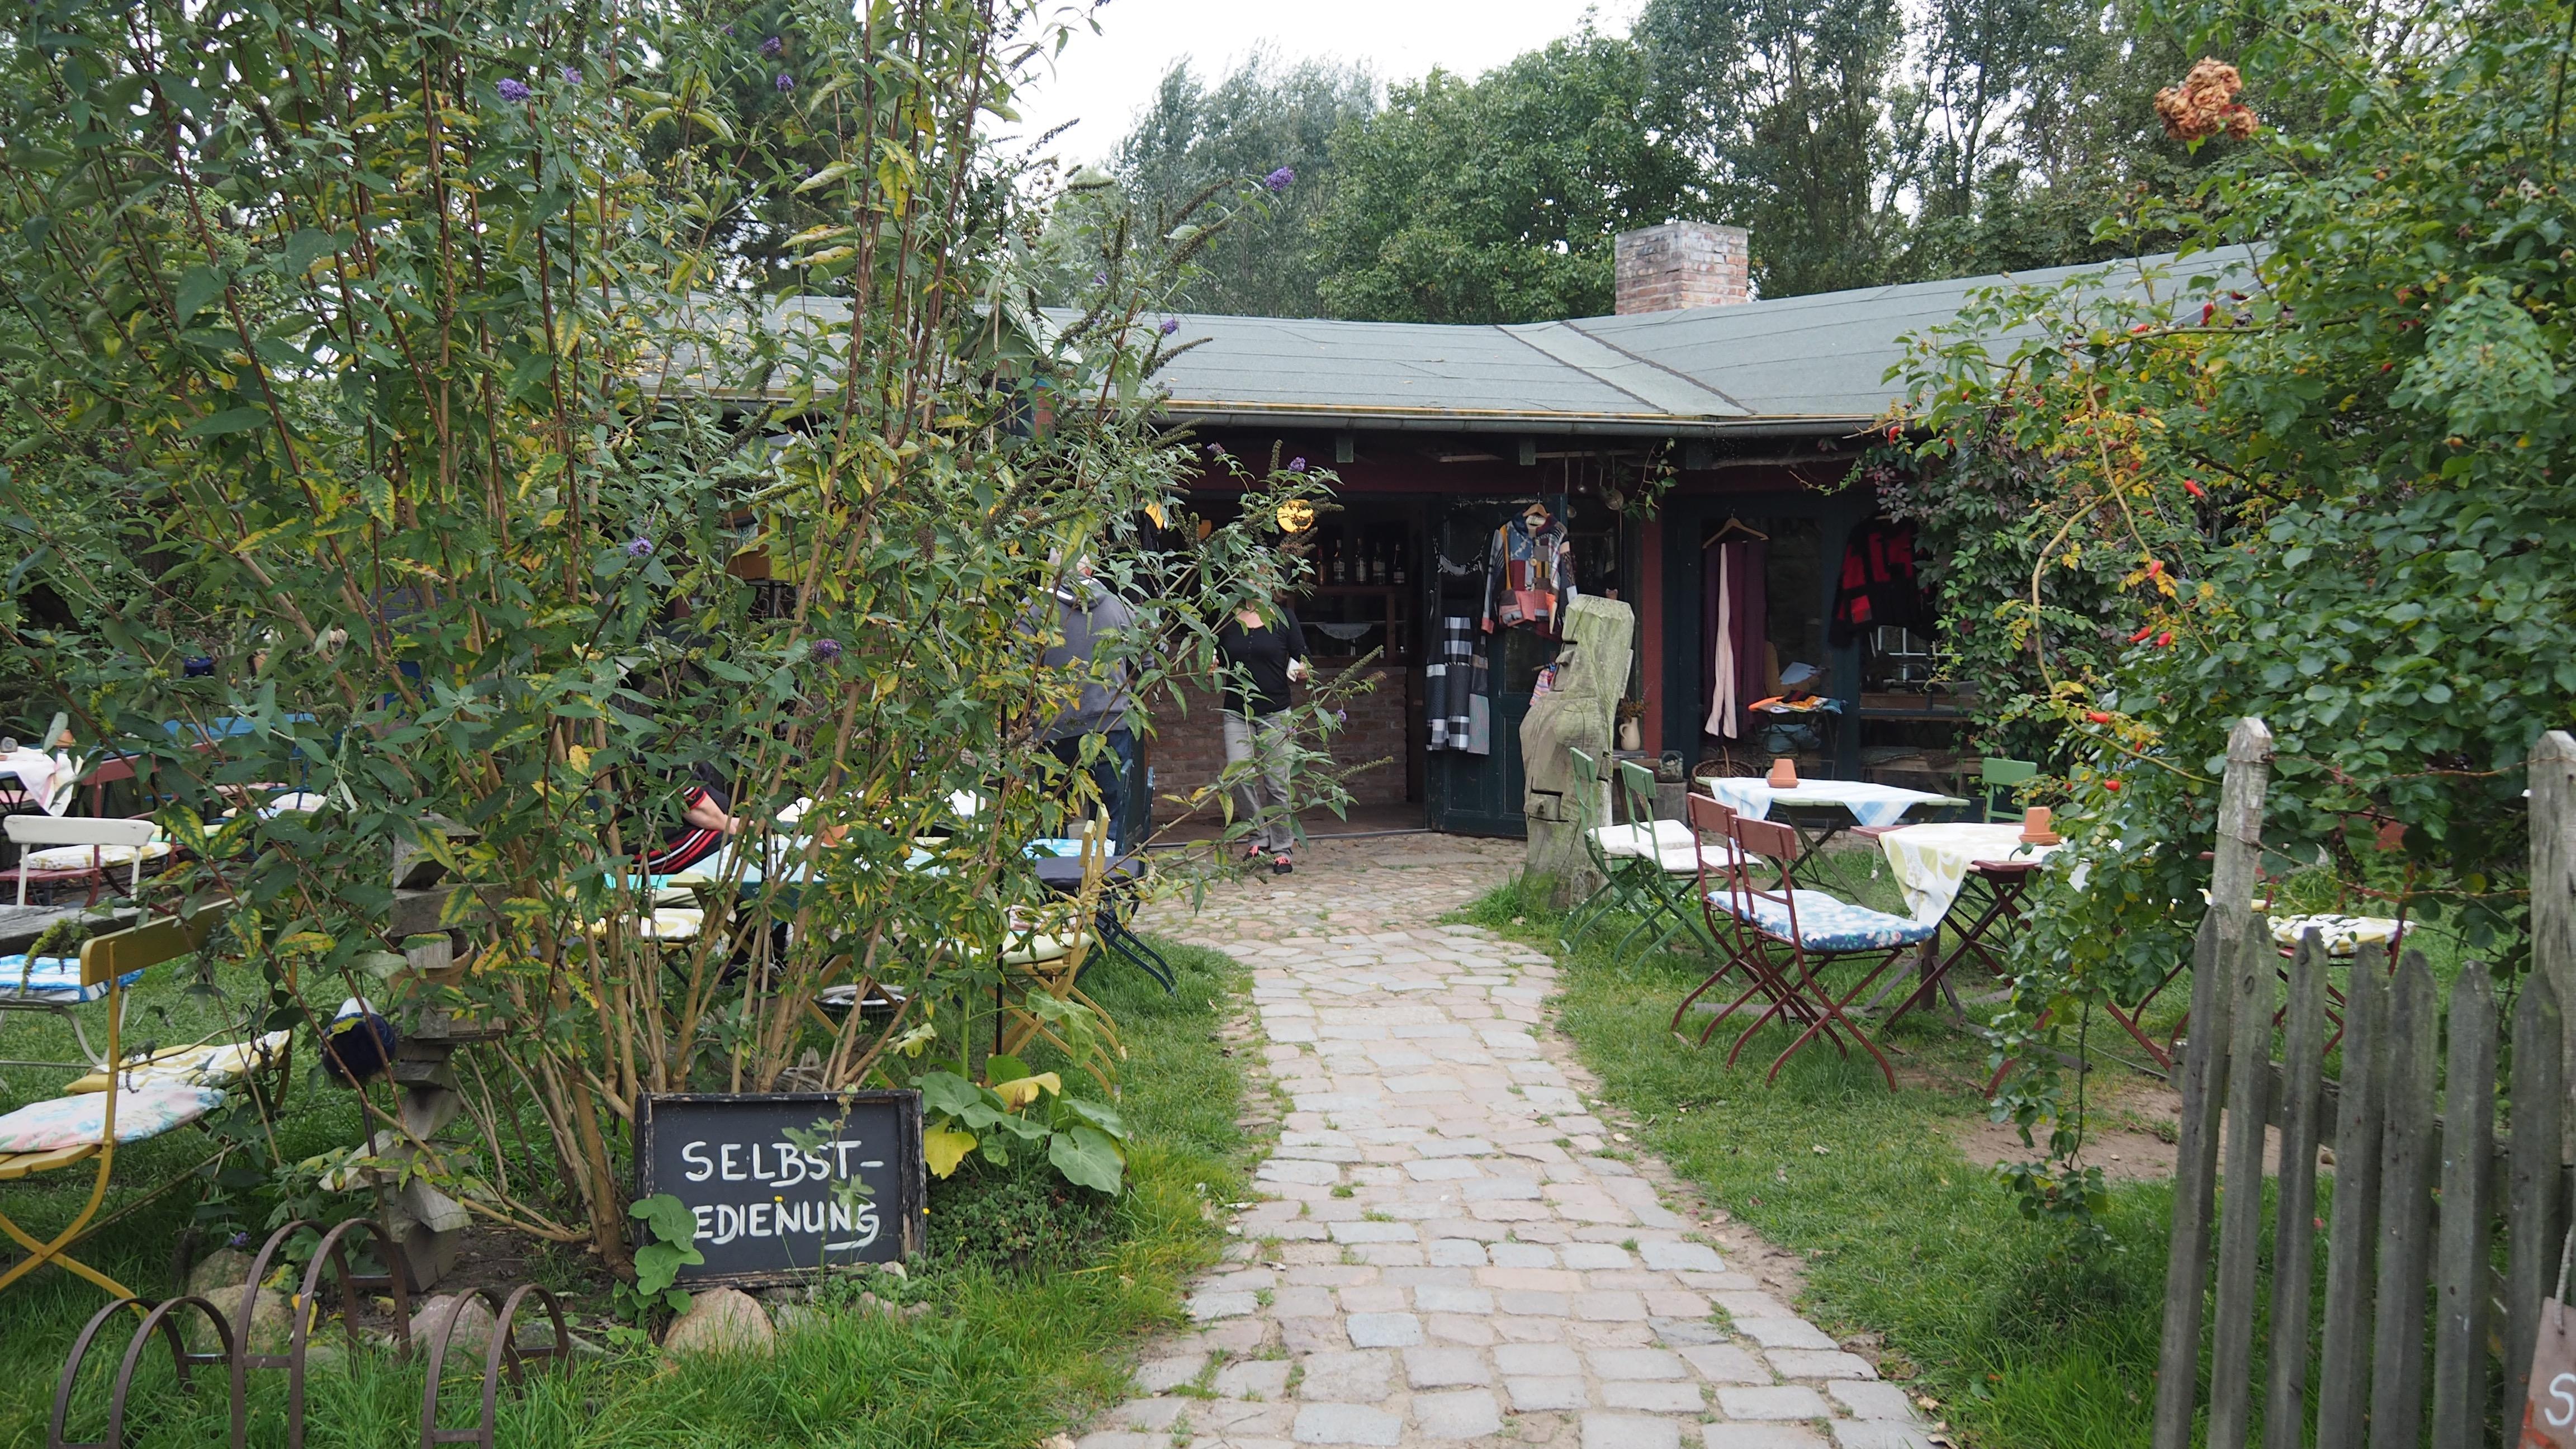 Biergarten in Lütow, Halbinsel Gnitz